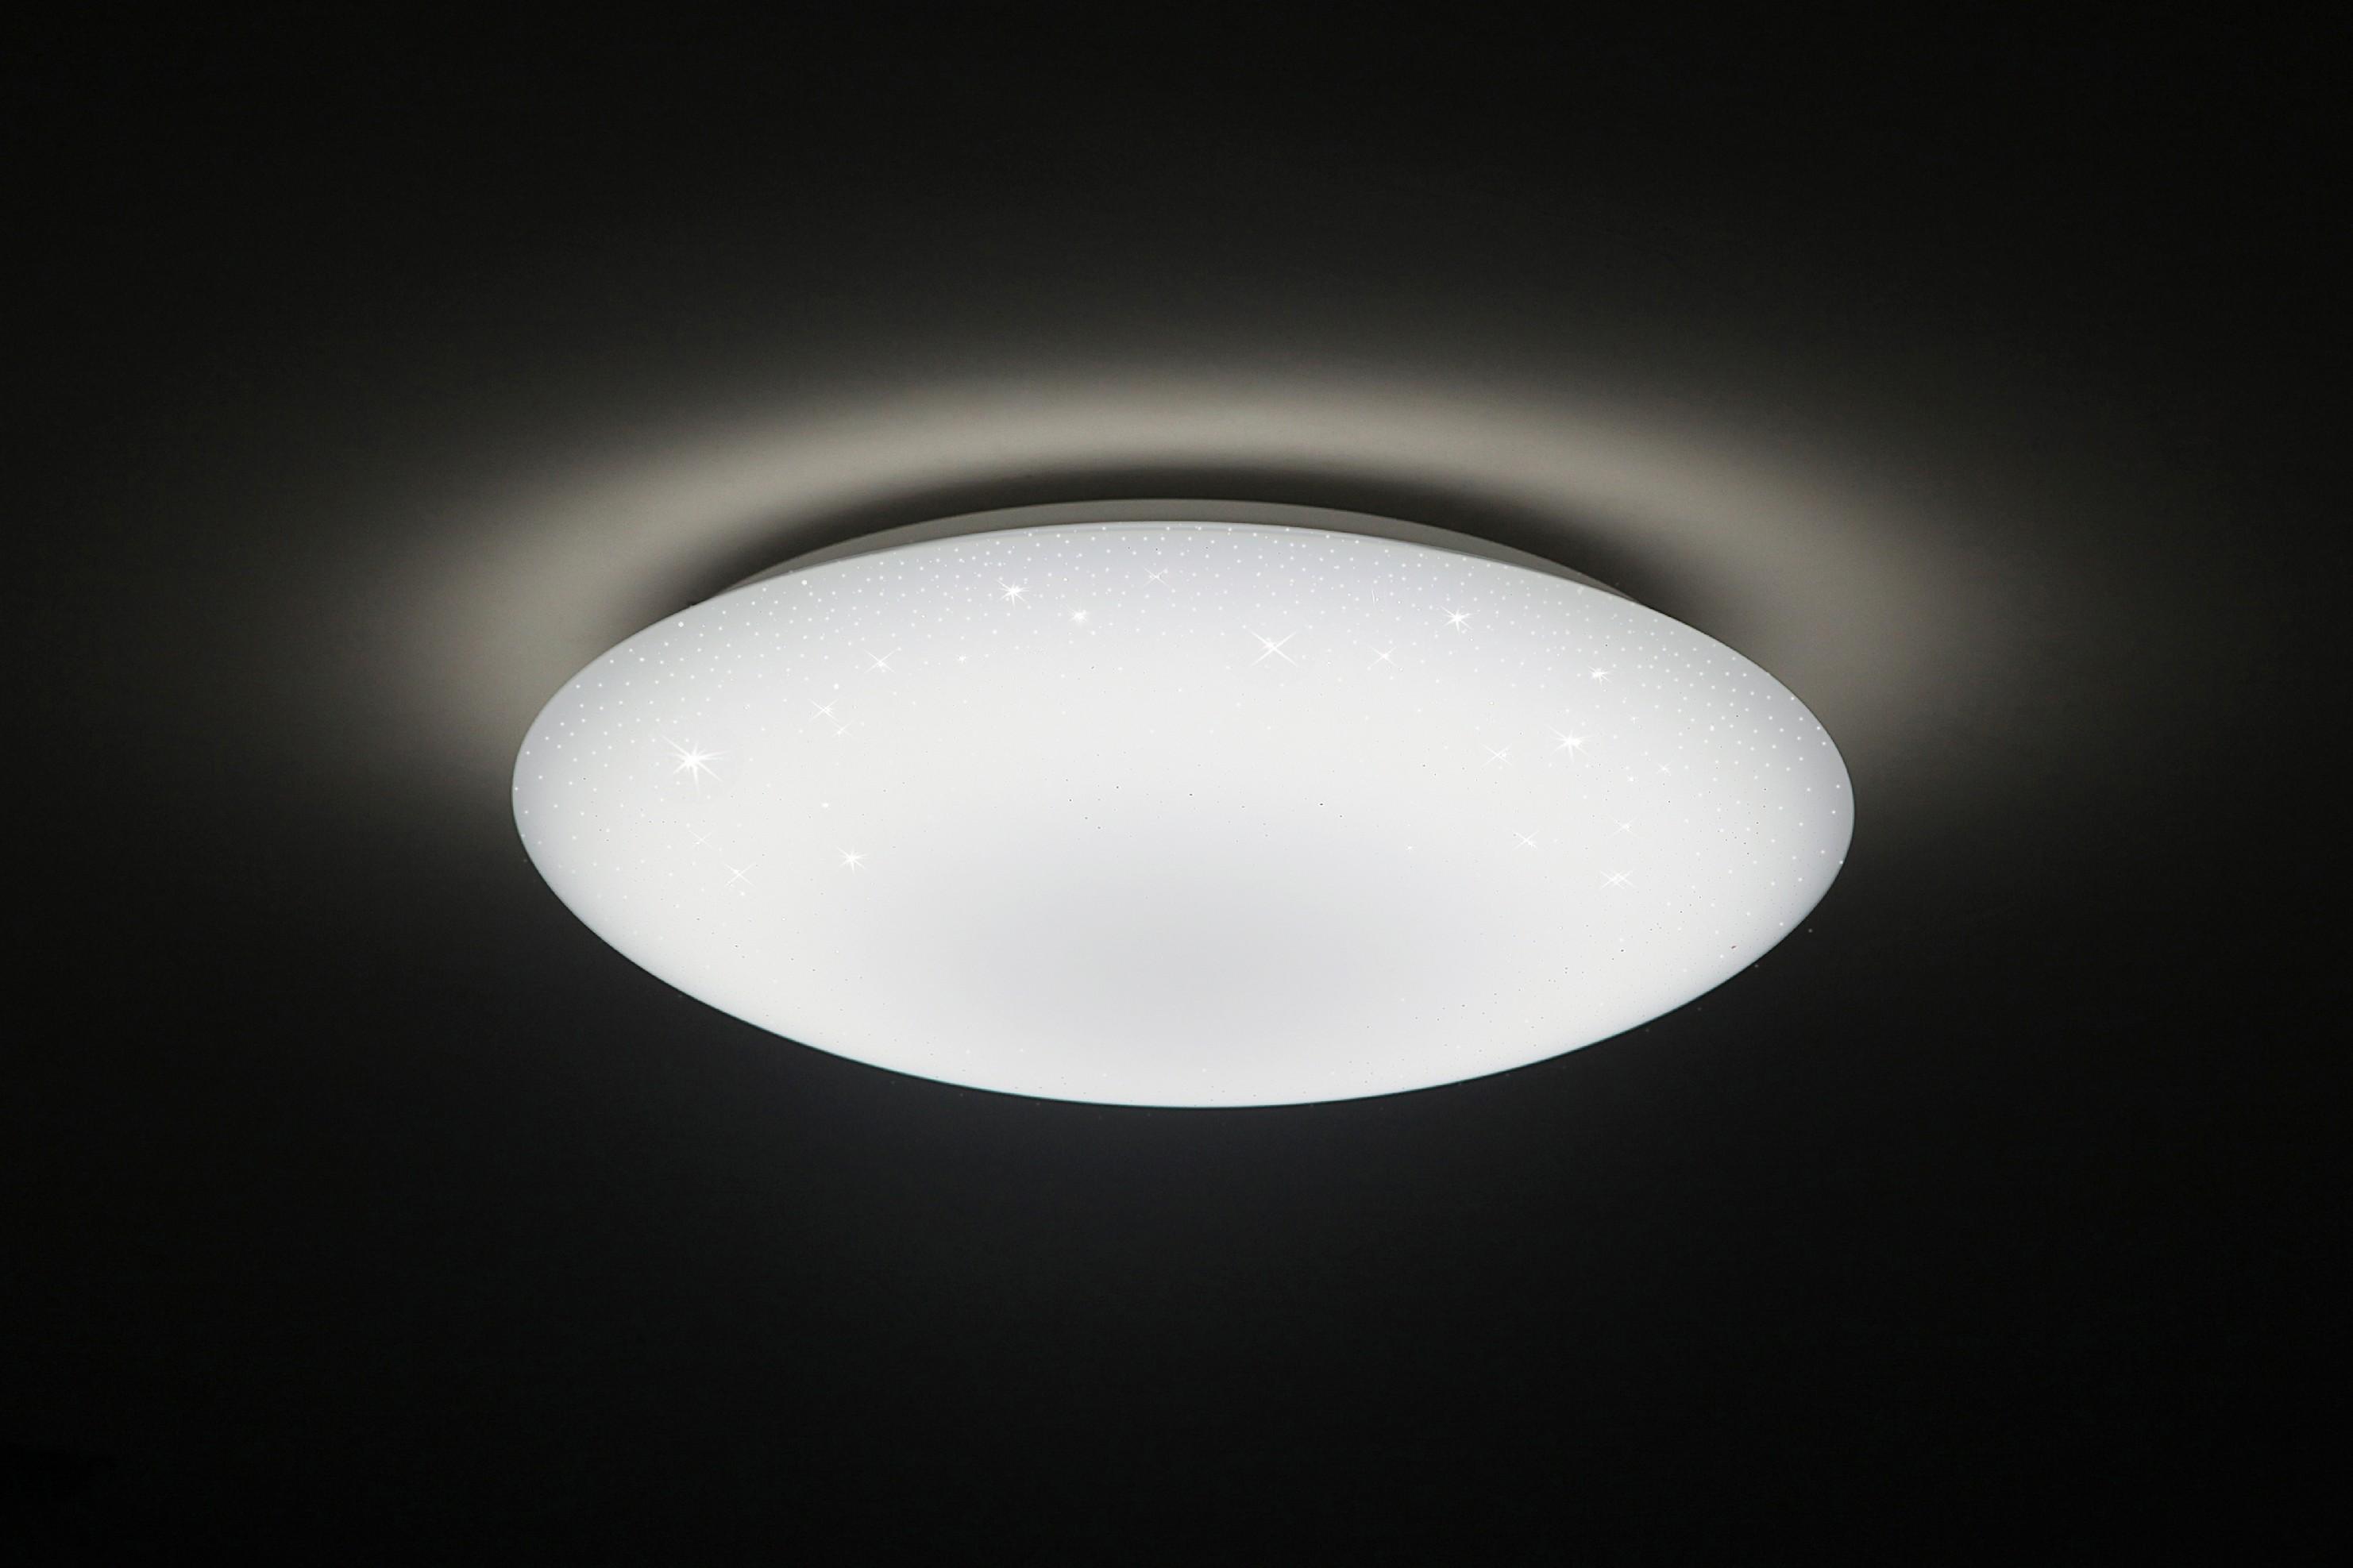 Inteligentní ECO LED svítidlo - Dalen DL-C408TX - Hvězdné nebe (2016) + LED lampička Solight s klipem (různé barvy)